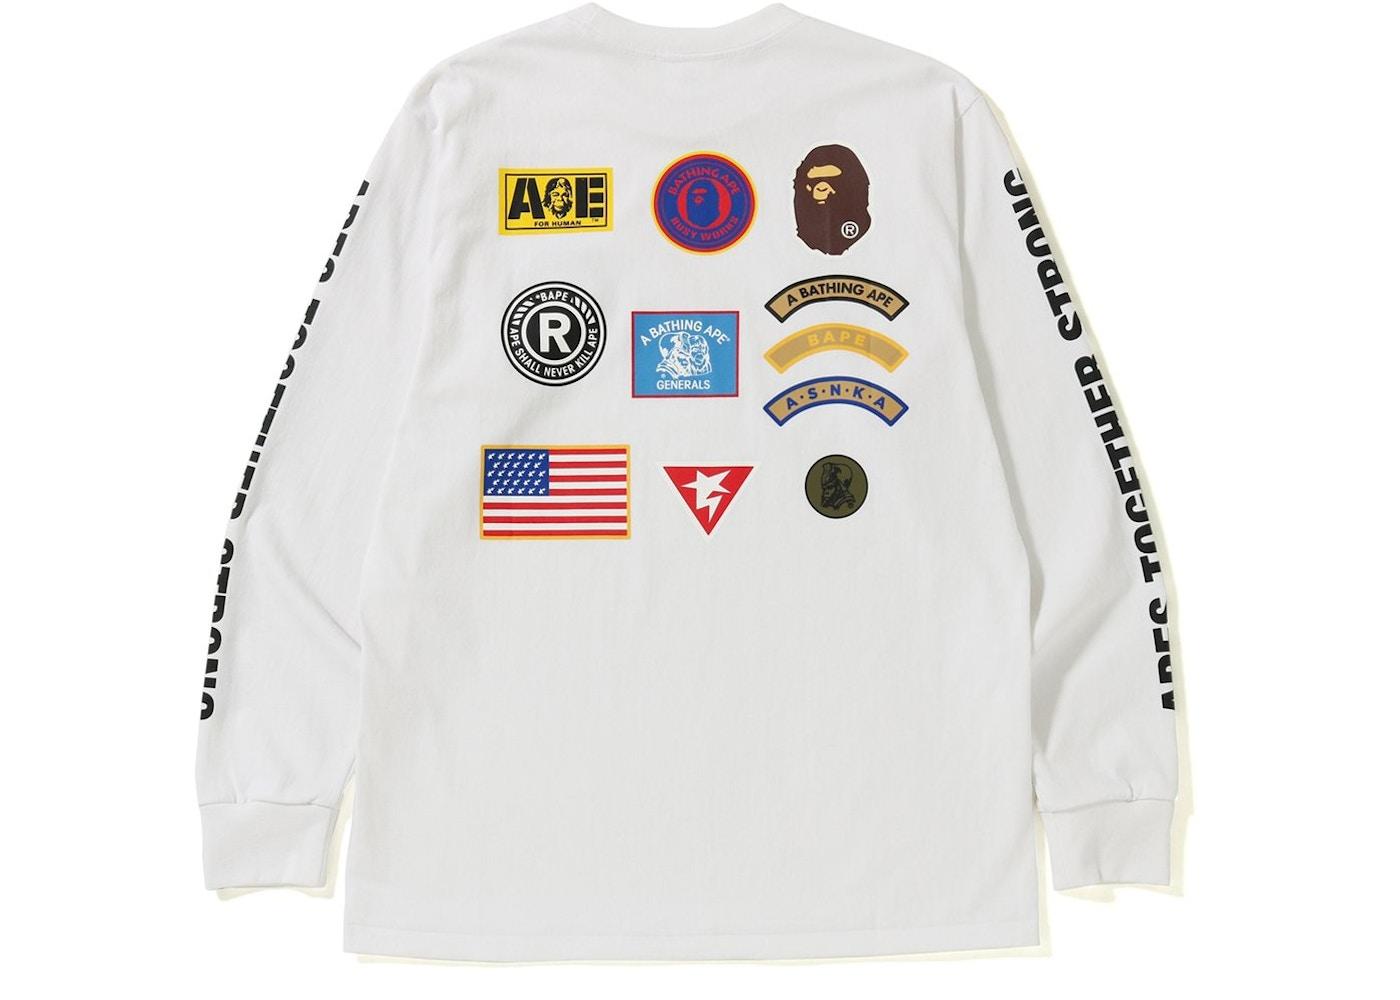 23e17535 Streetwear - Bape T-Shirts - New Highest Bids